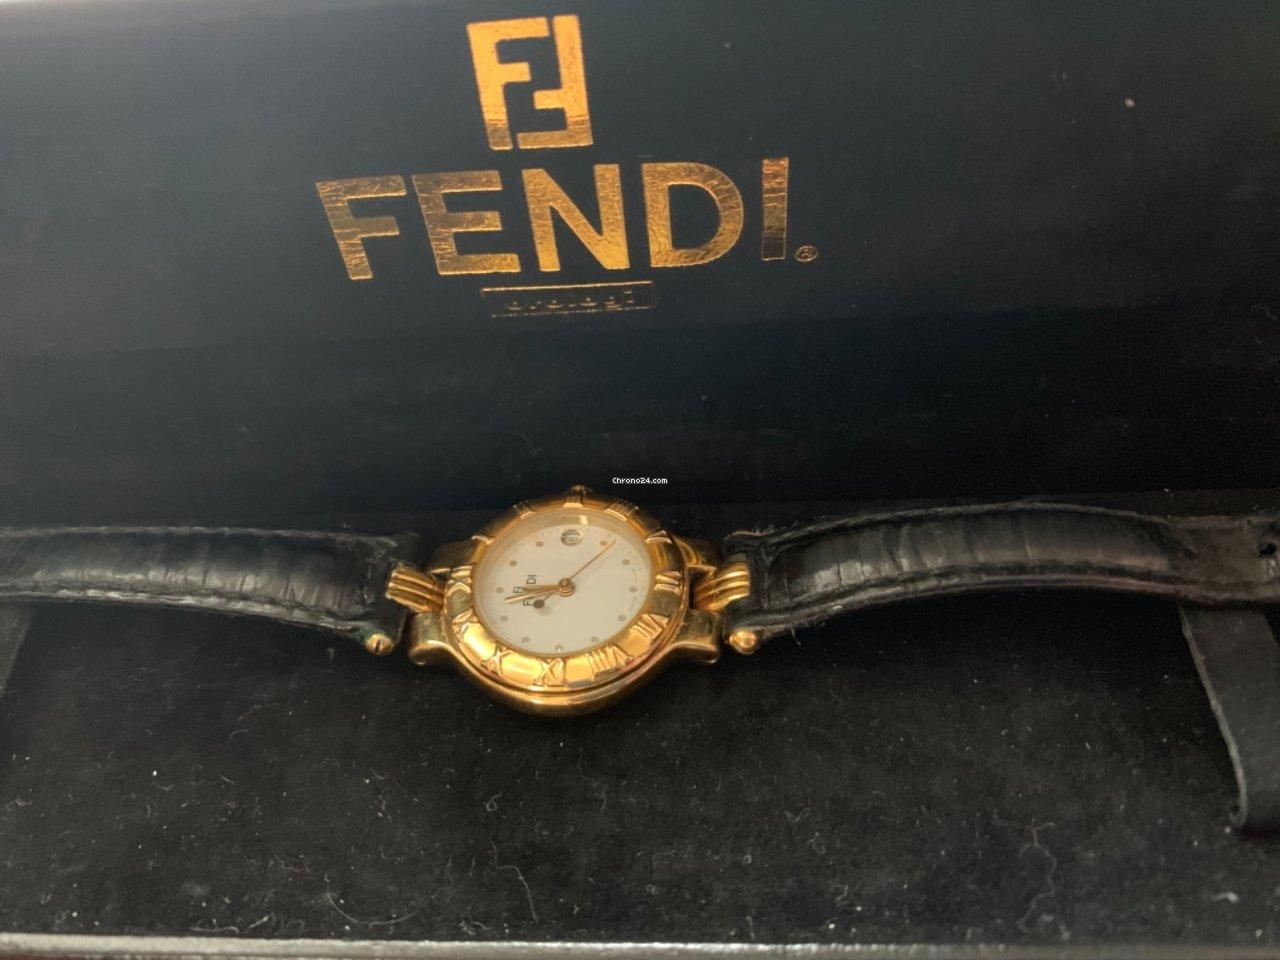 1c2516d7d65 Relógios Fendi usados - Compare os preços de relógios Fendi usados